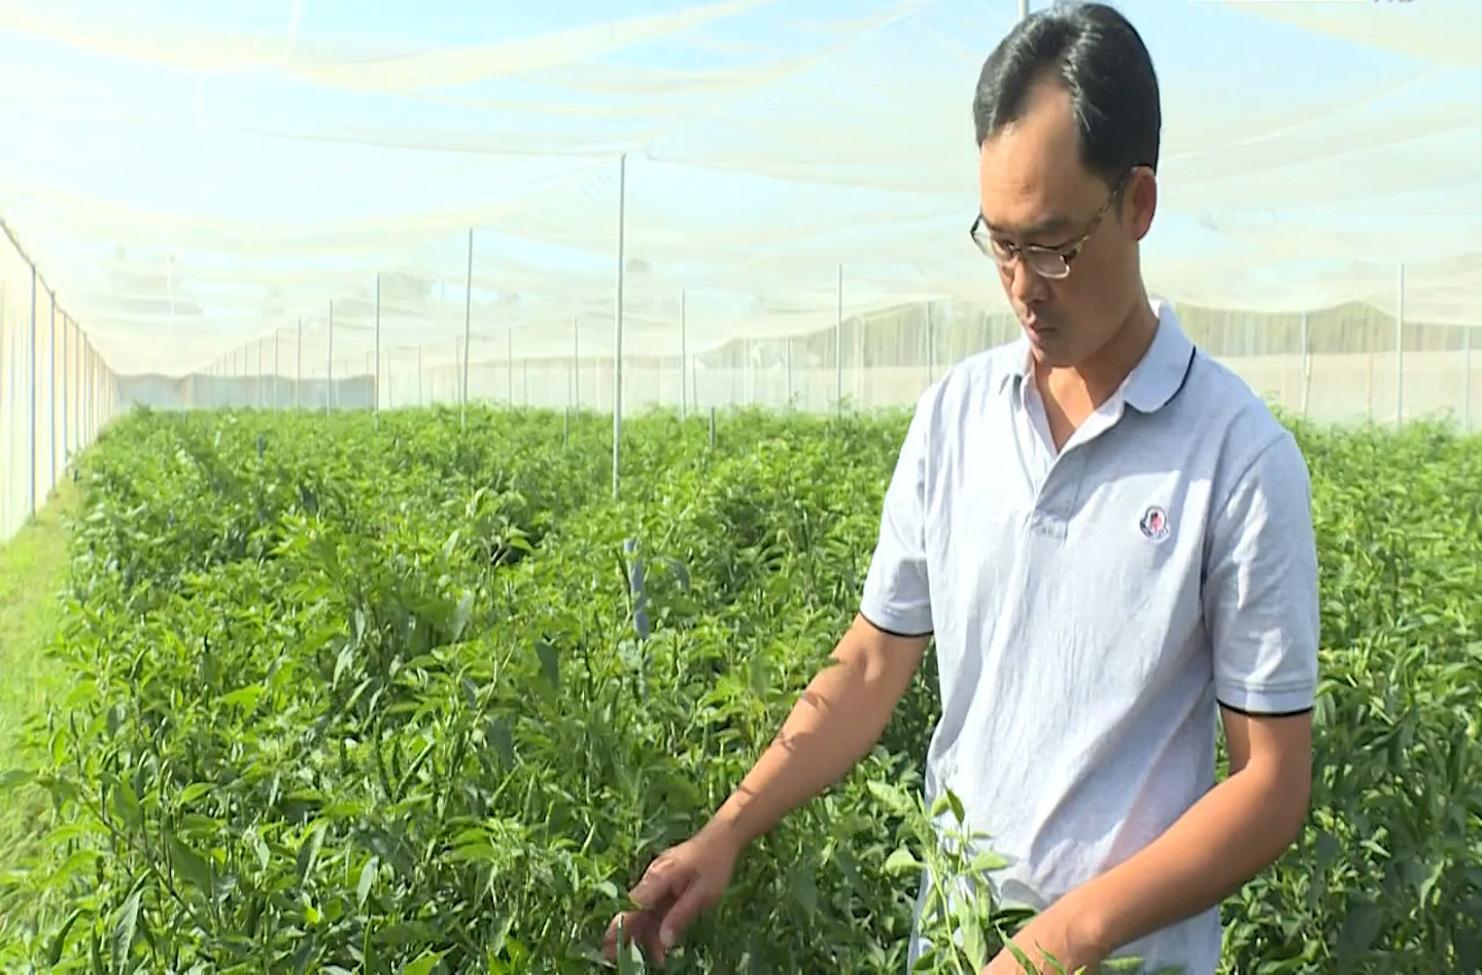 Trà Vinh: Mô hình HTX sản xuất nông nghiệp theo hướng hữu cơ - Ảnh 2.